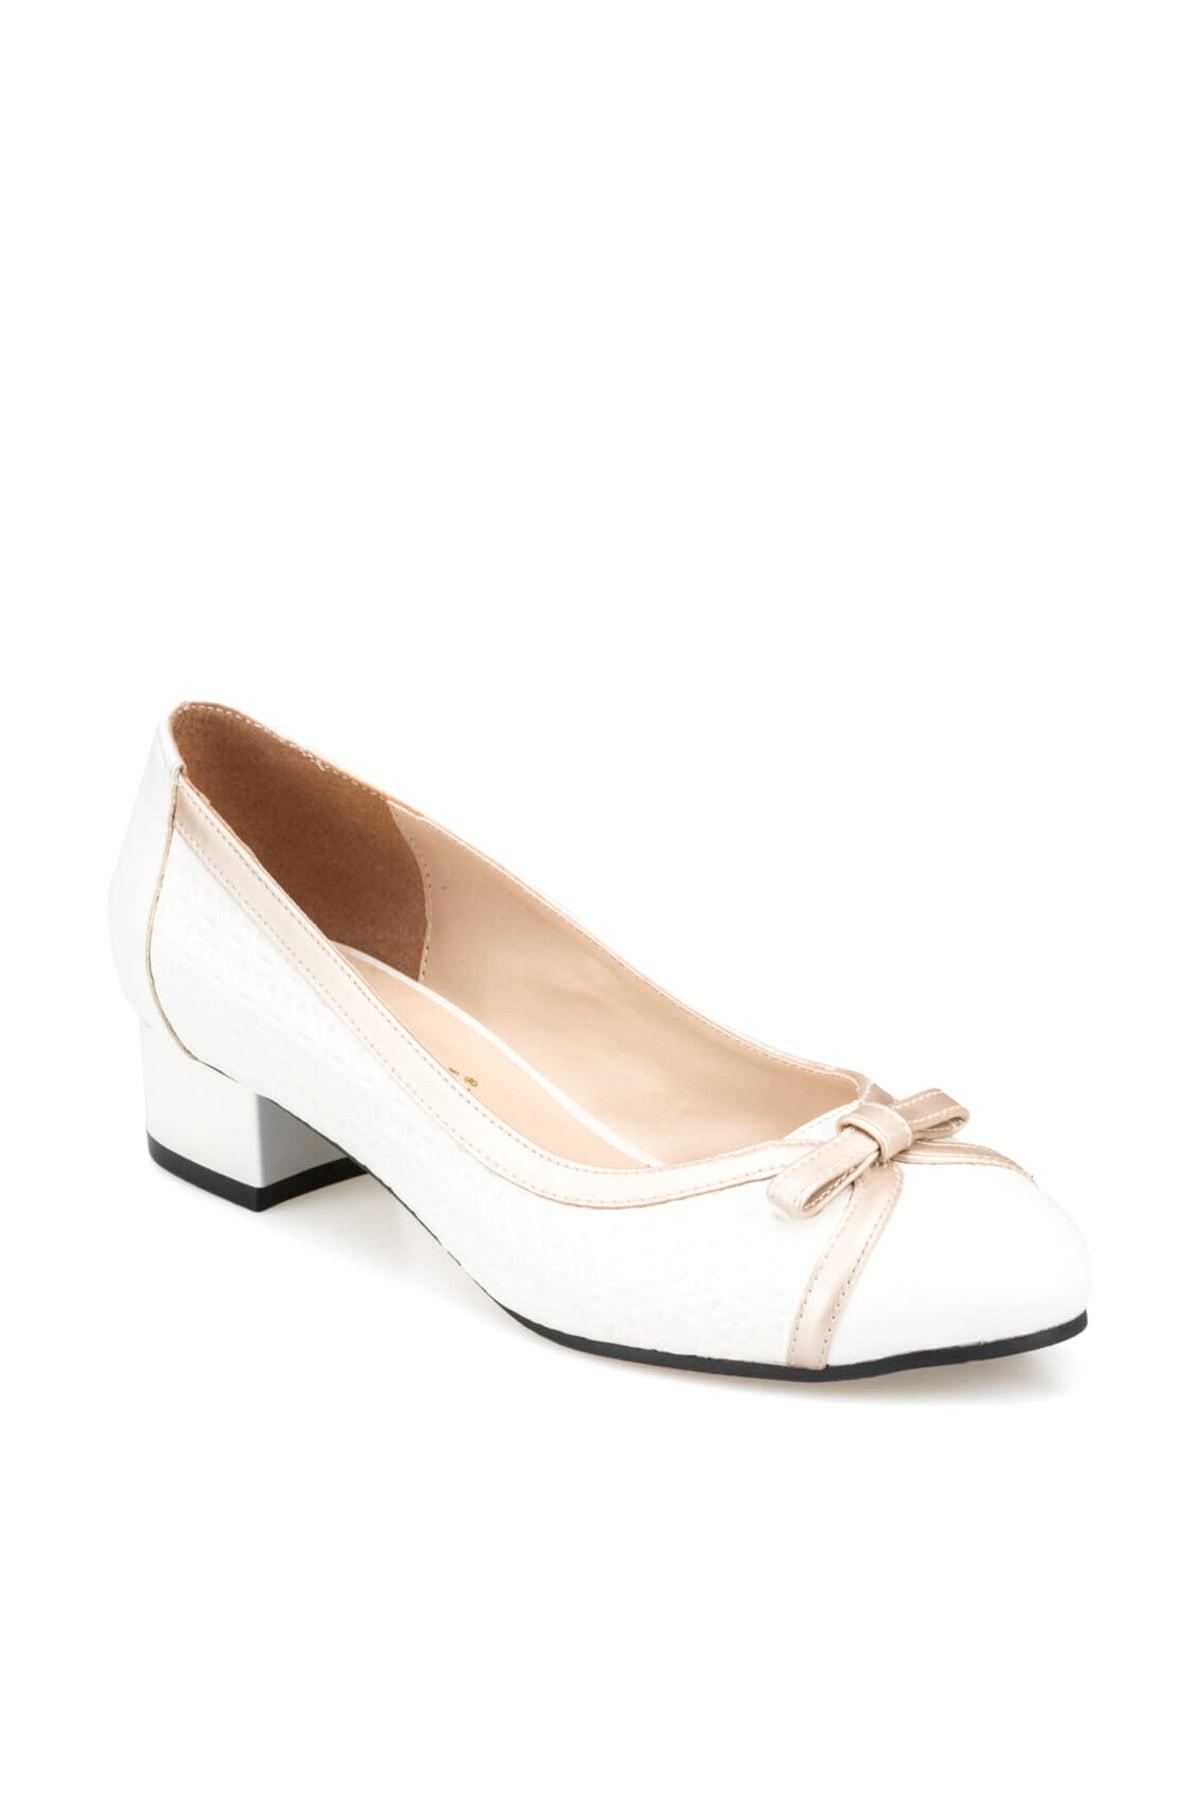 91.150709.Z Beyaz Kadın Ayakkabı 100375054